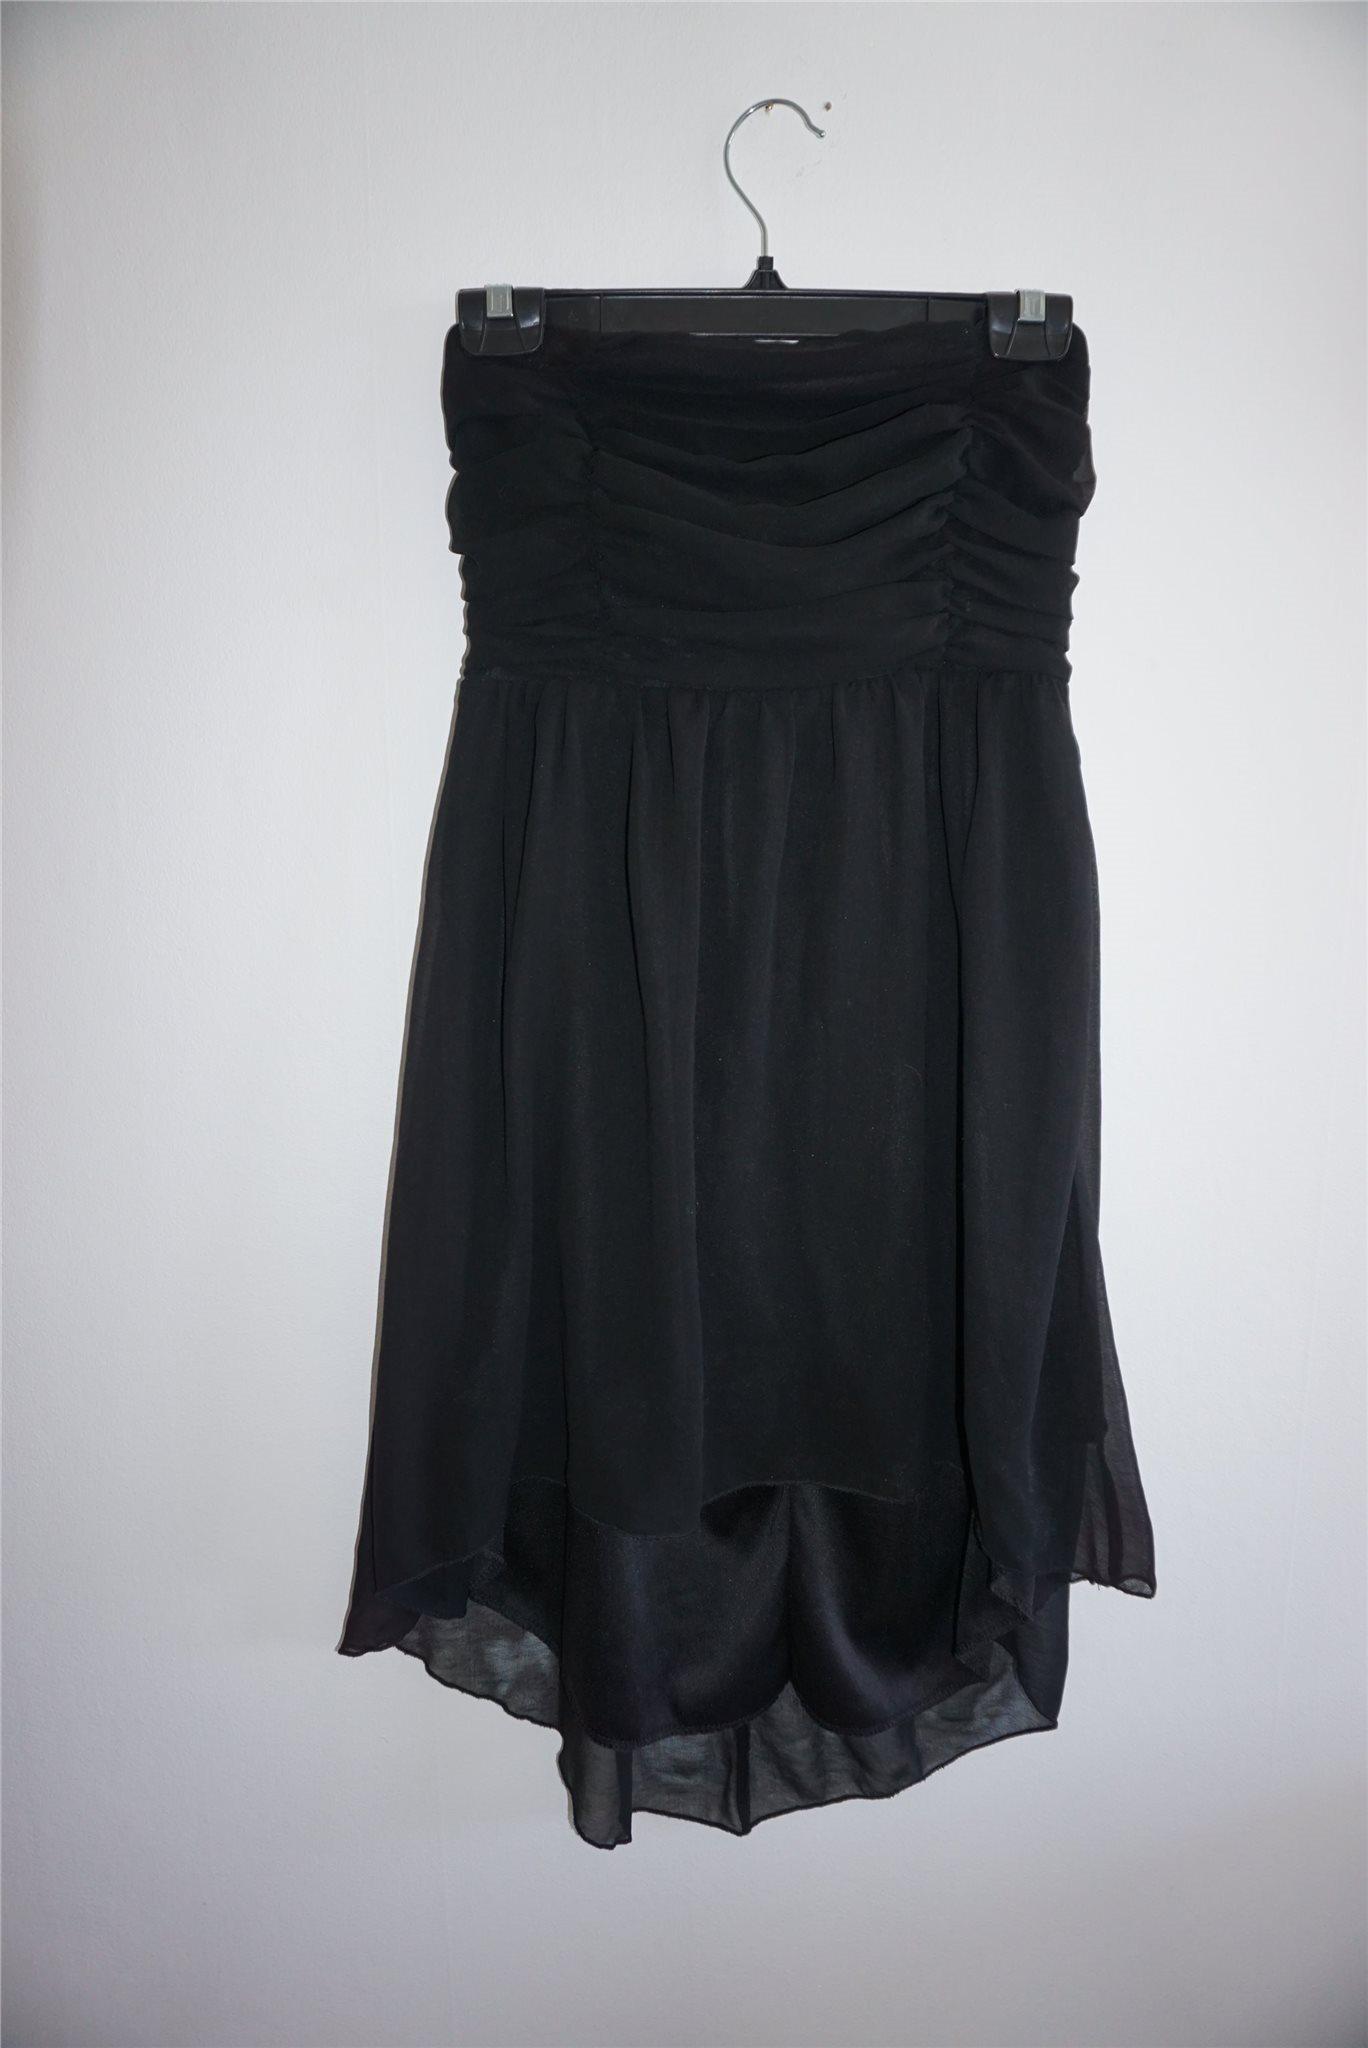 a1345fbda76 Snygg svart klänning från Sisters Point. Strl S tub modell axelbandslös